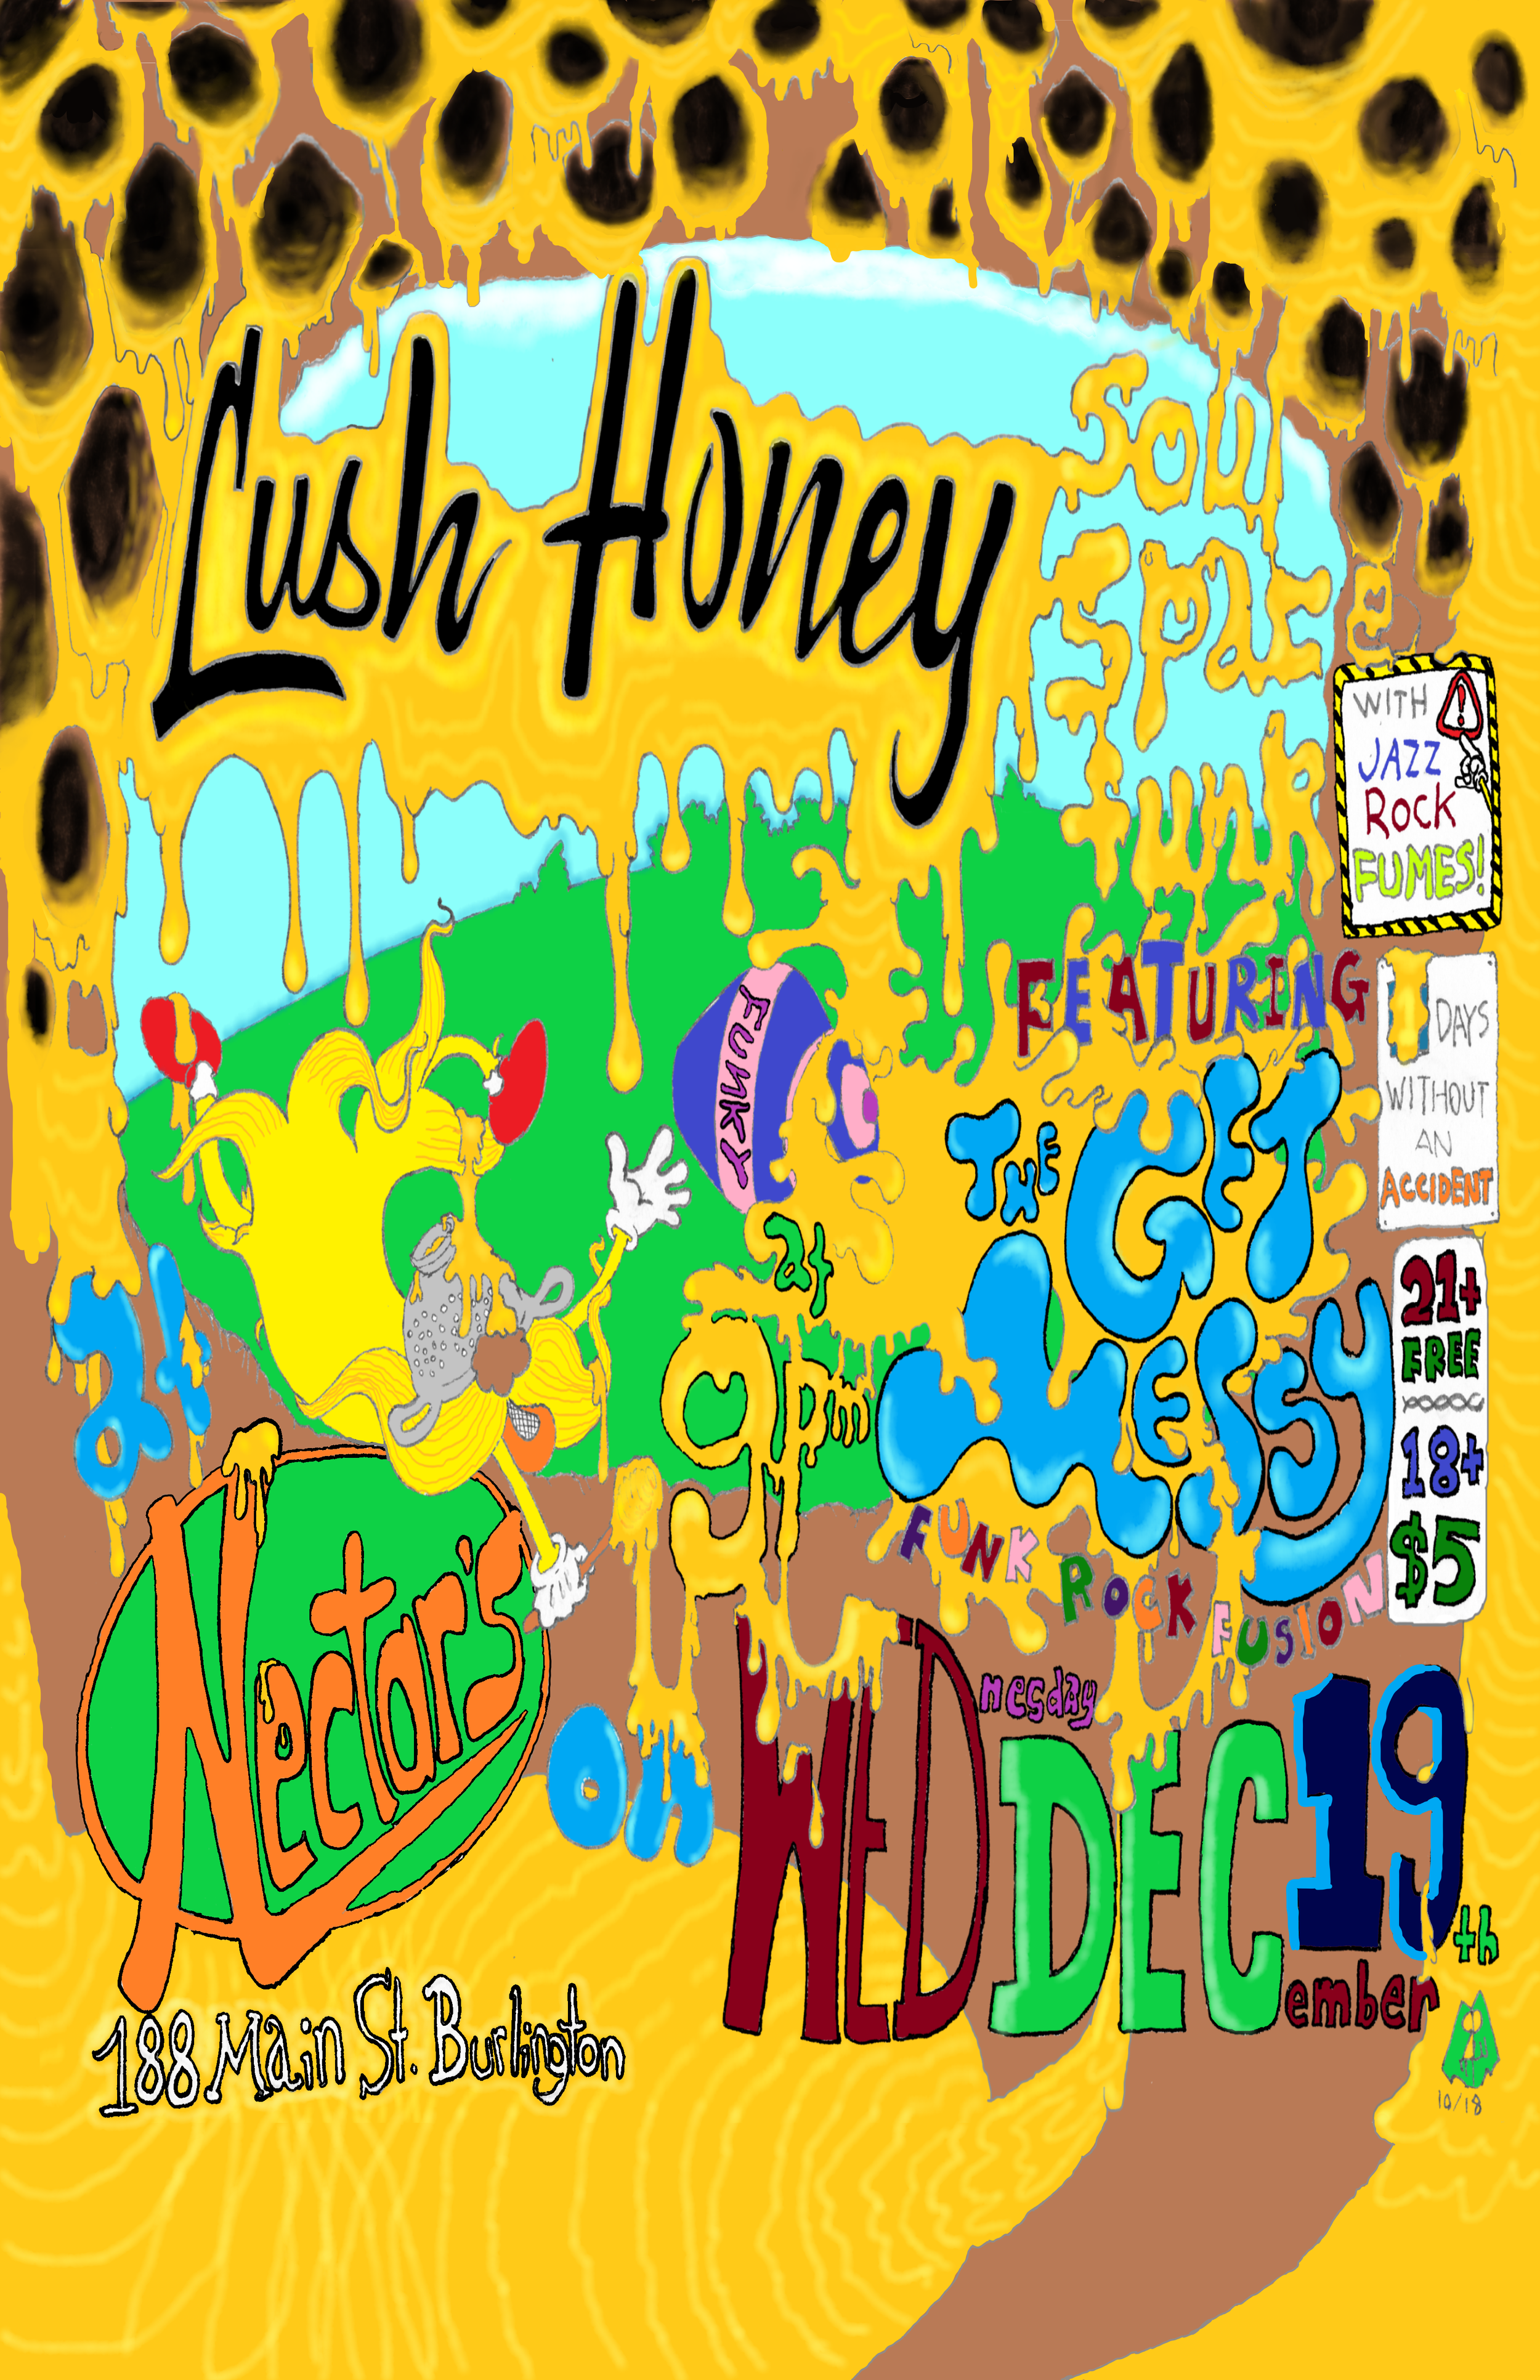 lush honey 11x17.png